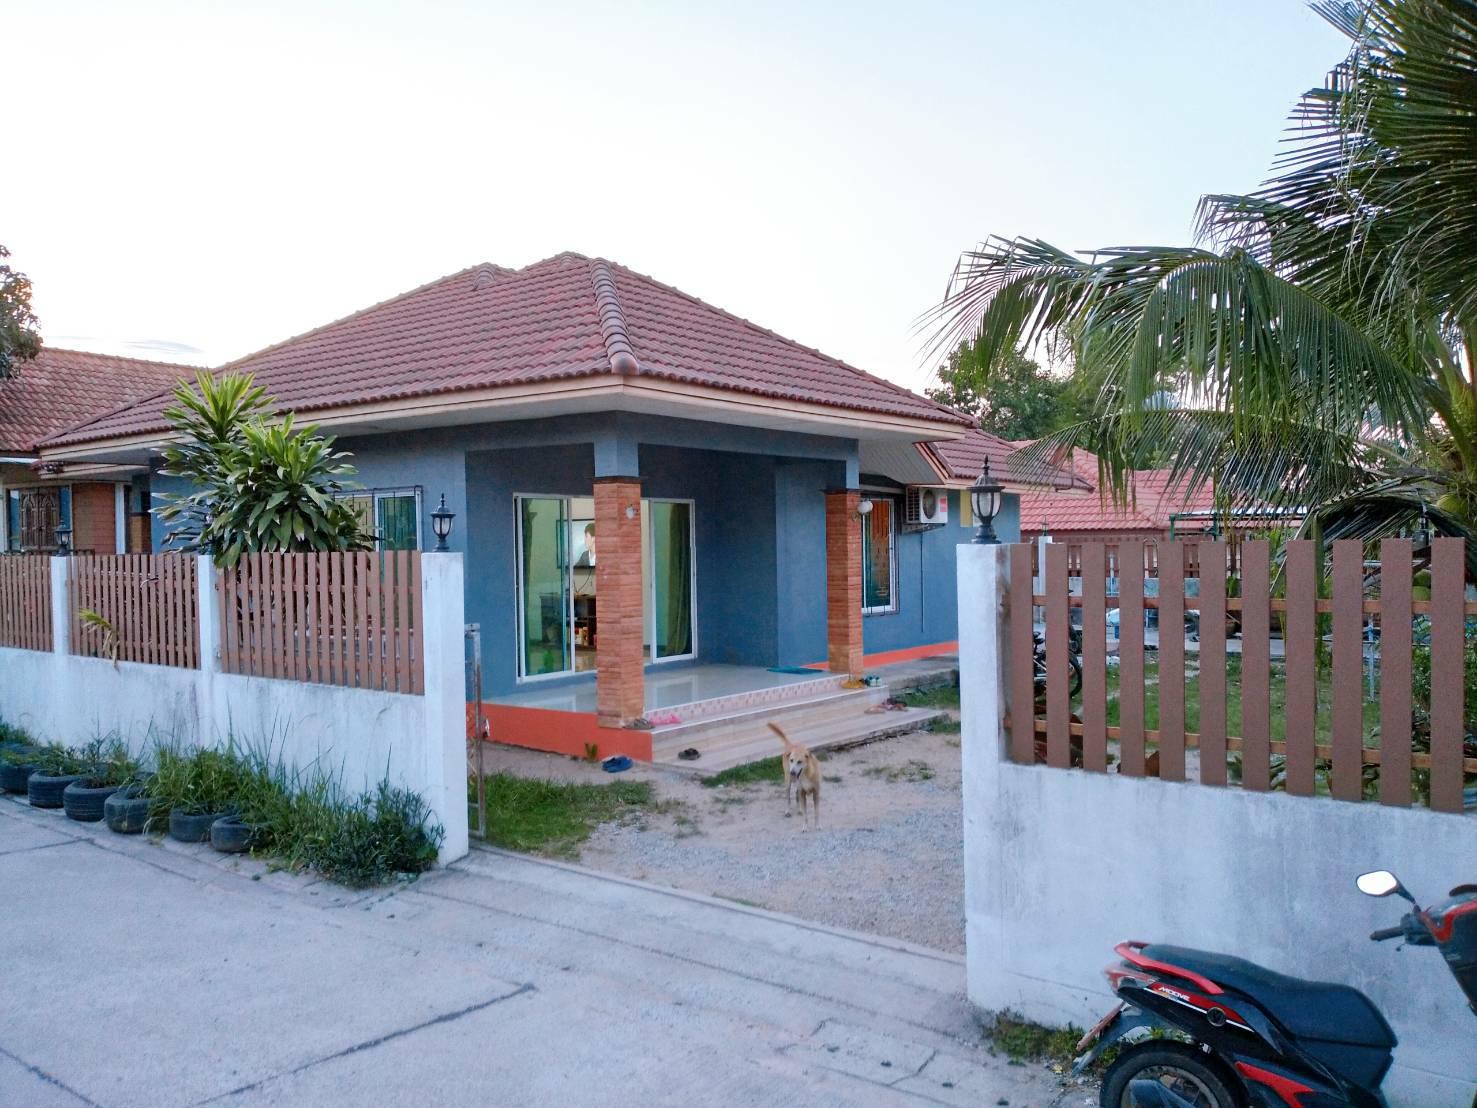 ขายบ้าน เนื้อที่  100 ตารางวา พื้นที่ใช้สอย 165 ตารางเมตร  3 ห้องนอน  2 ห้องน้ำ บ้านฉาง ระยอง ราคา 2